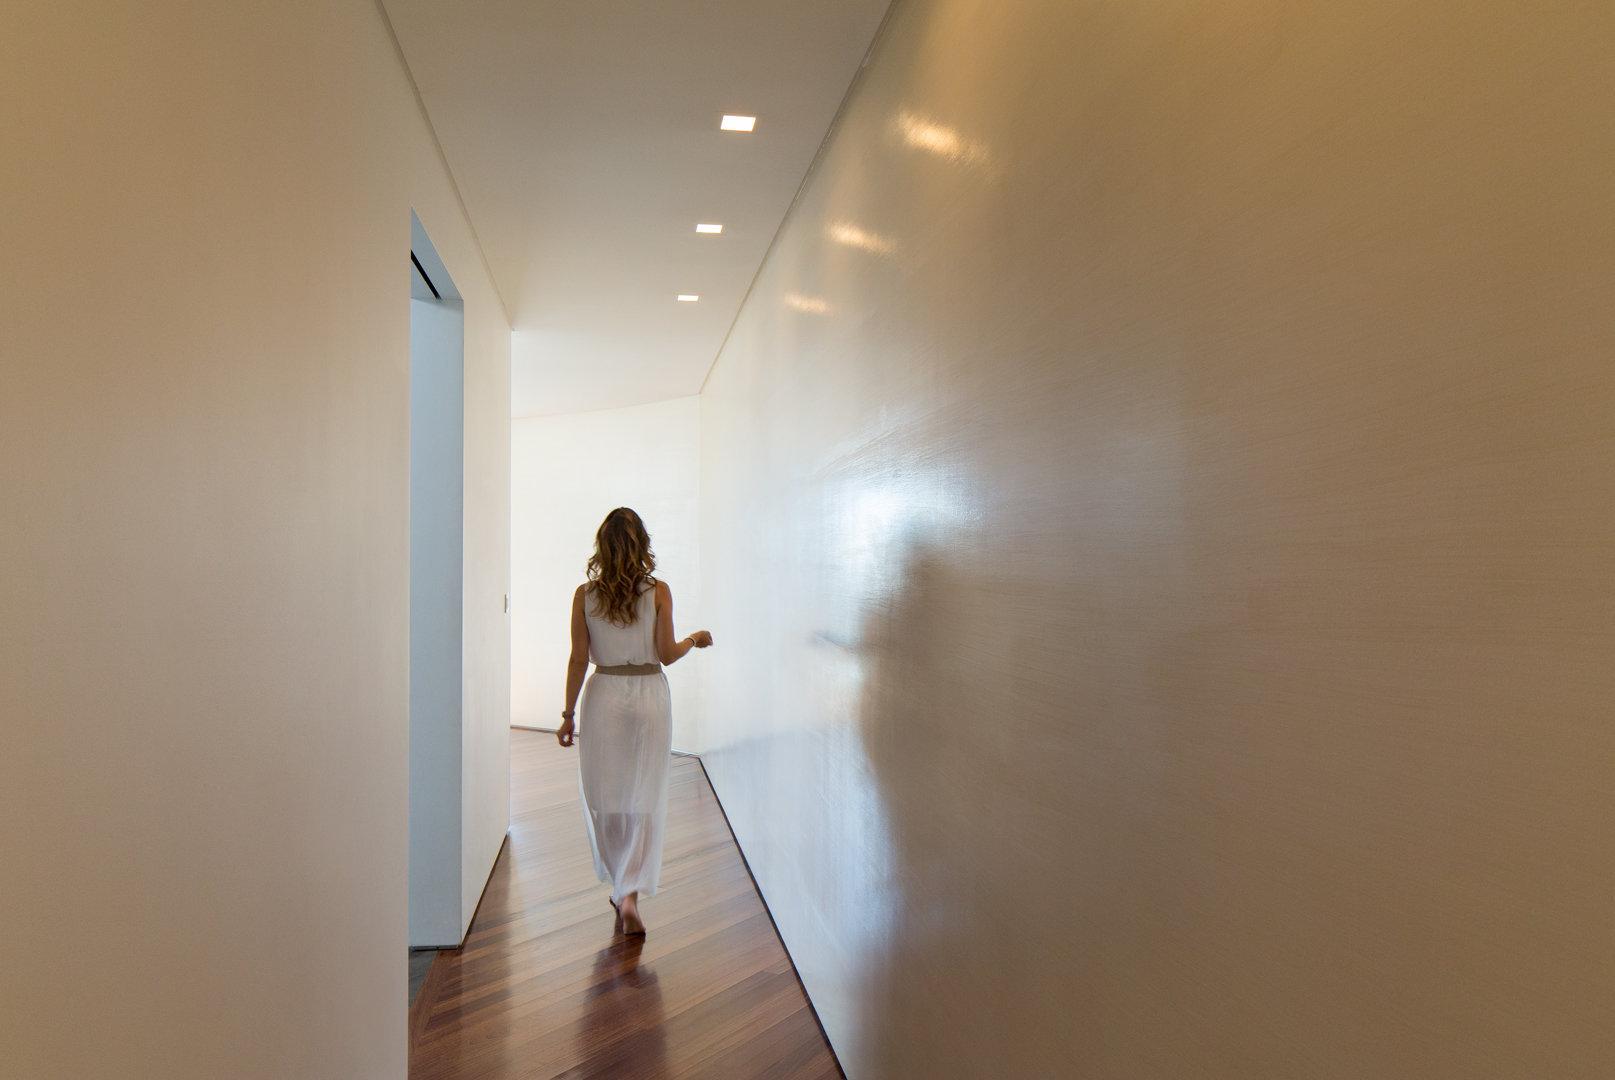 Lena_Crescentini_Girl-3-In-Hall_WEB.jpg